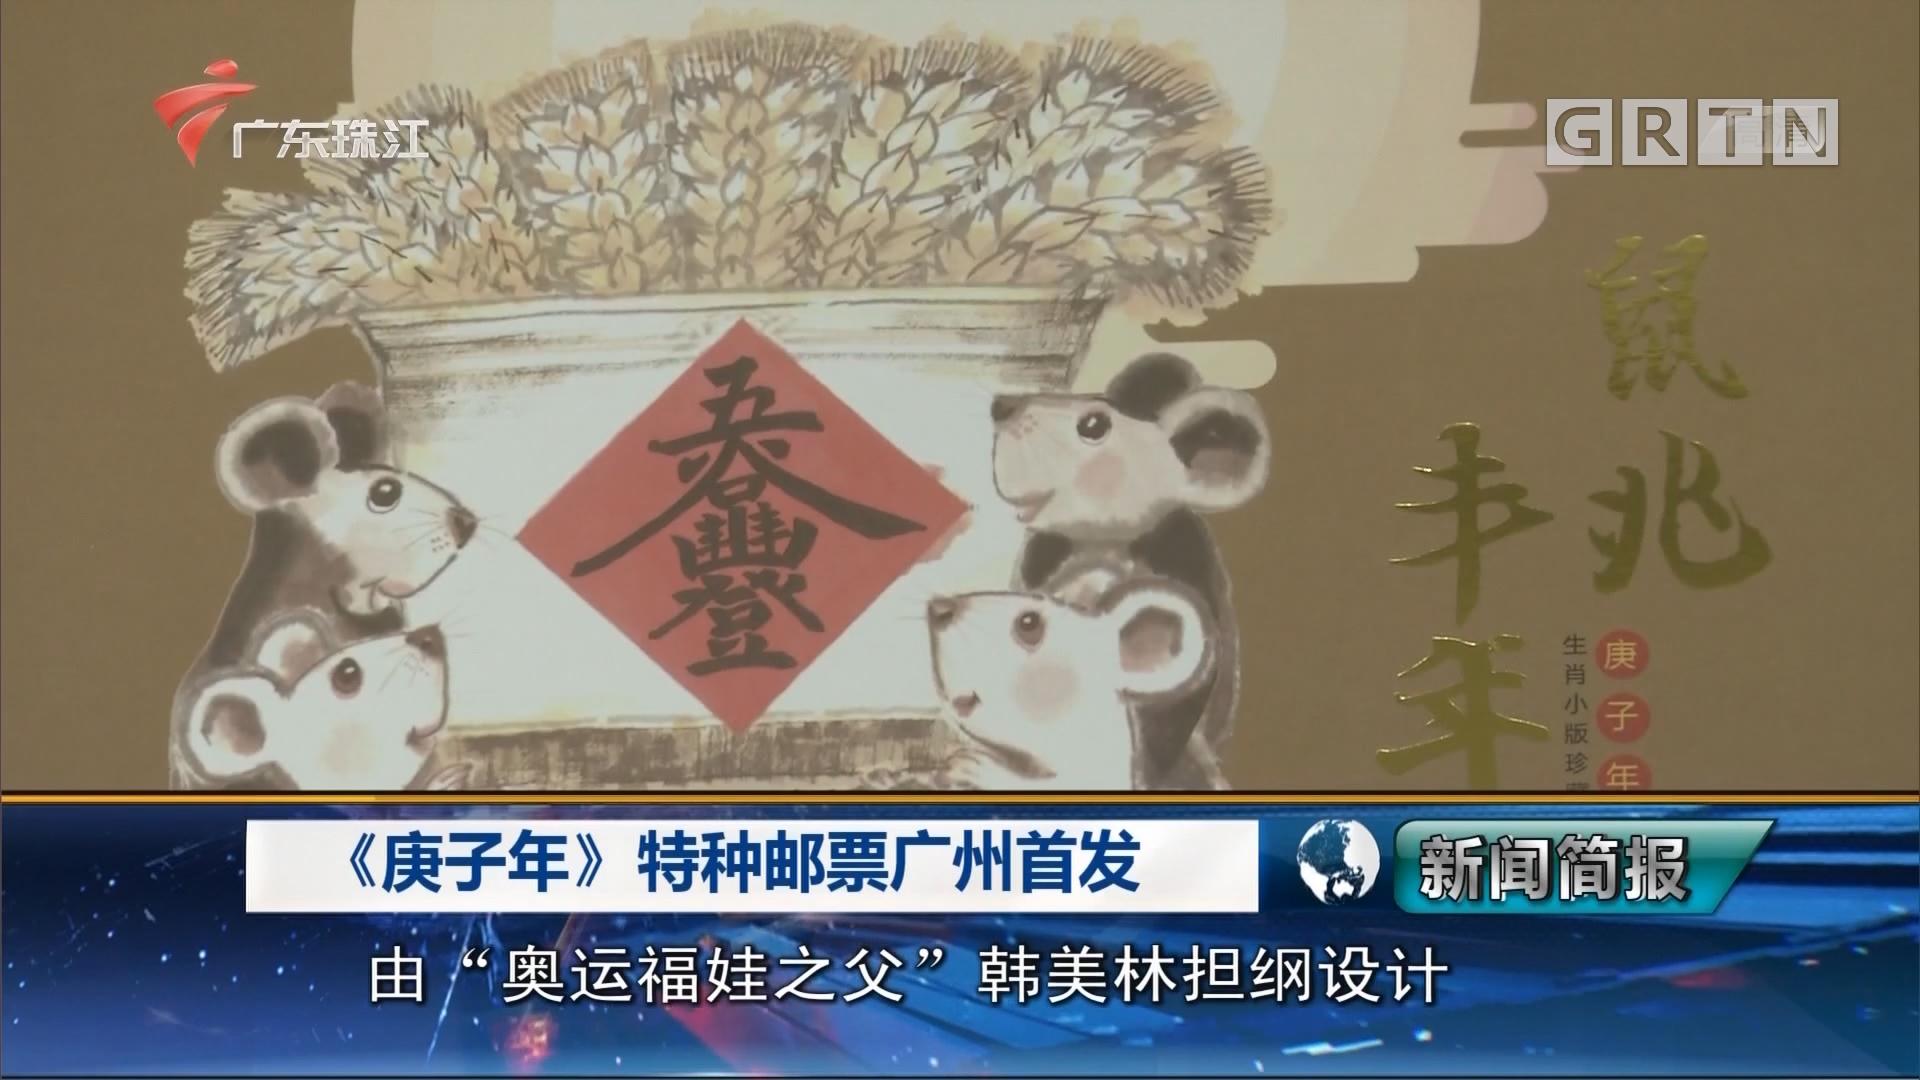 《庚子年》特种邮票广州首发